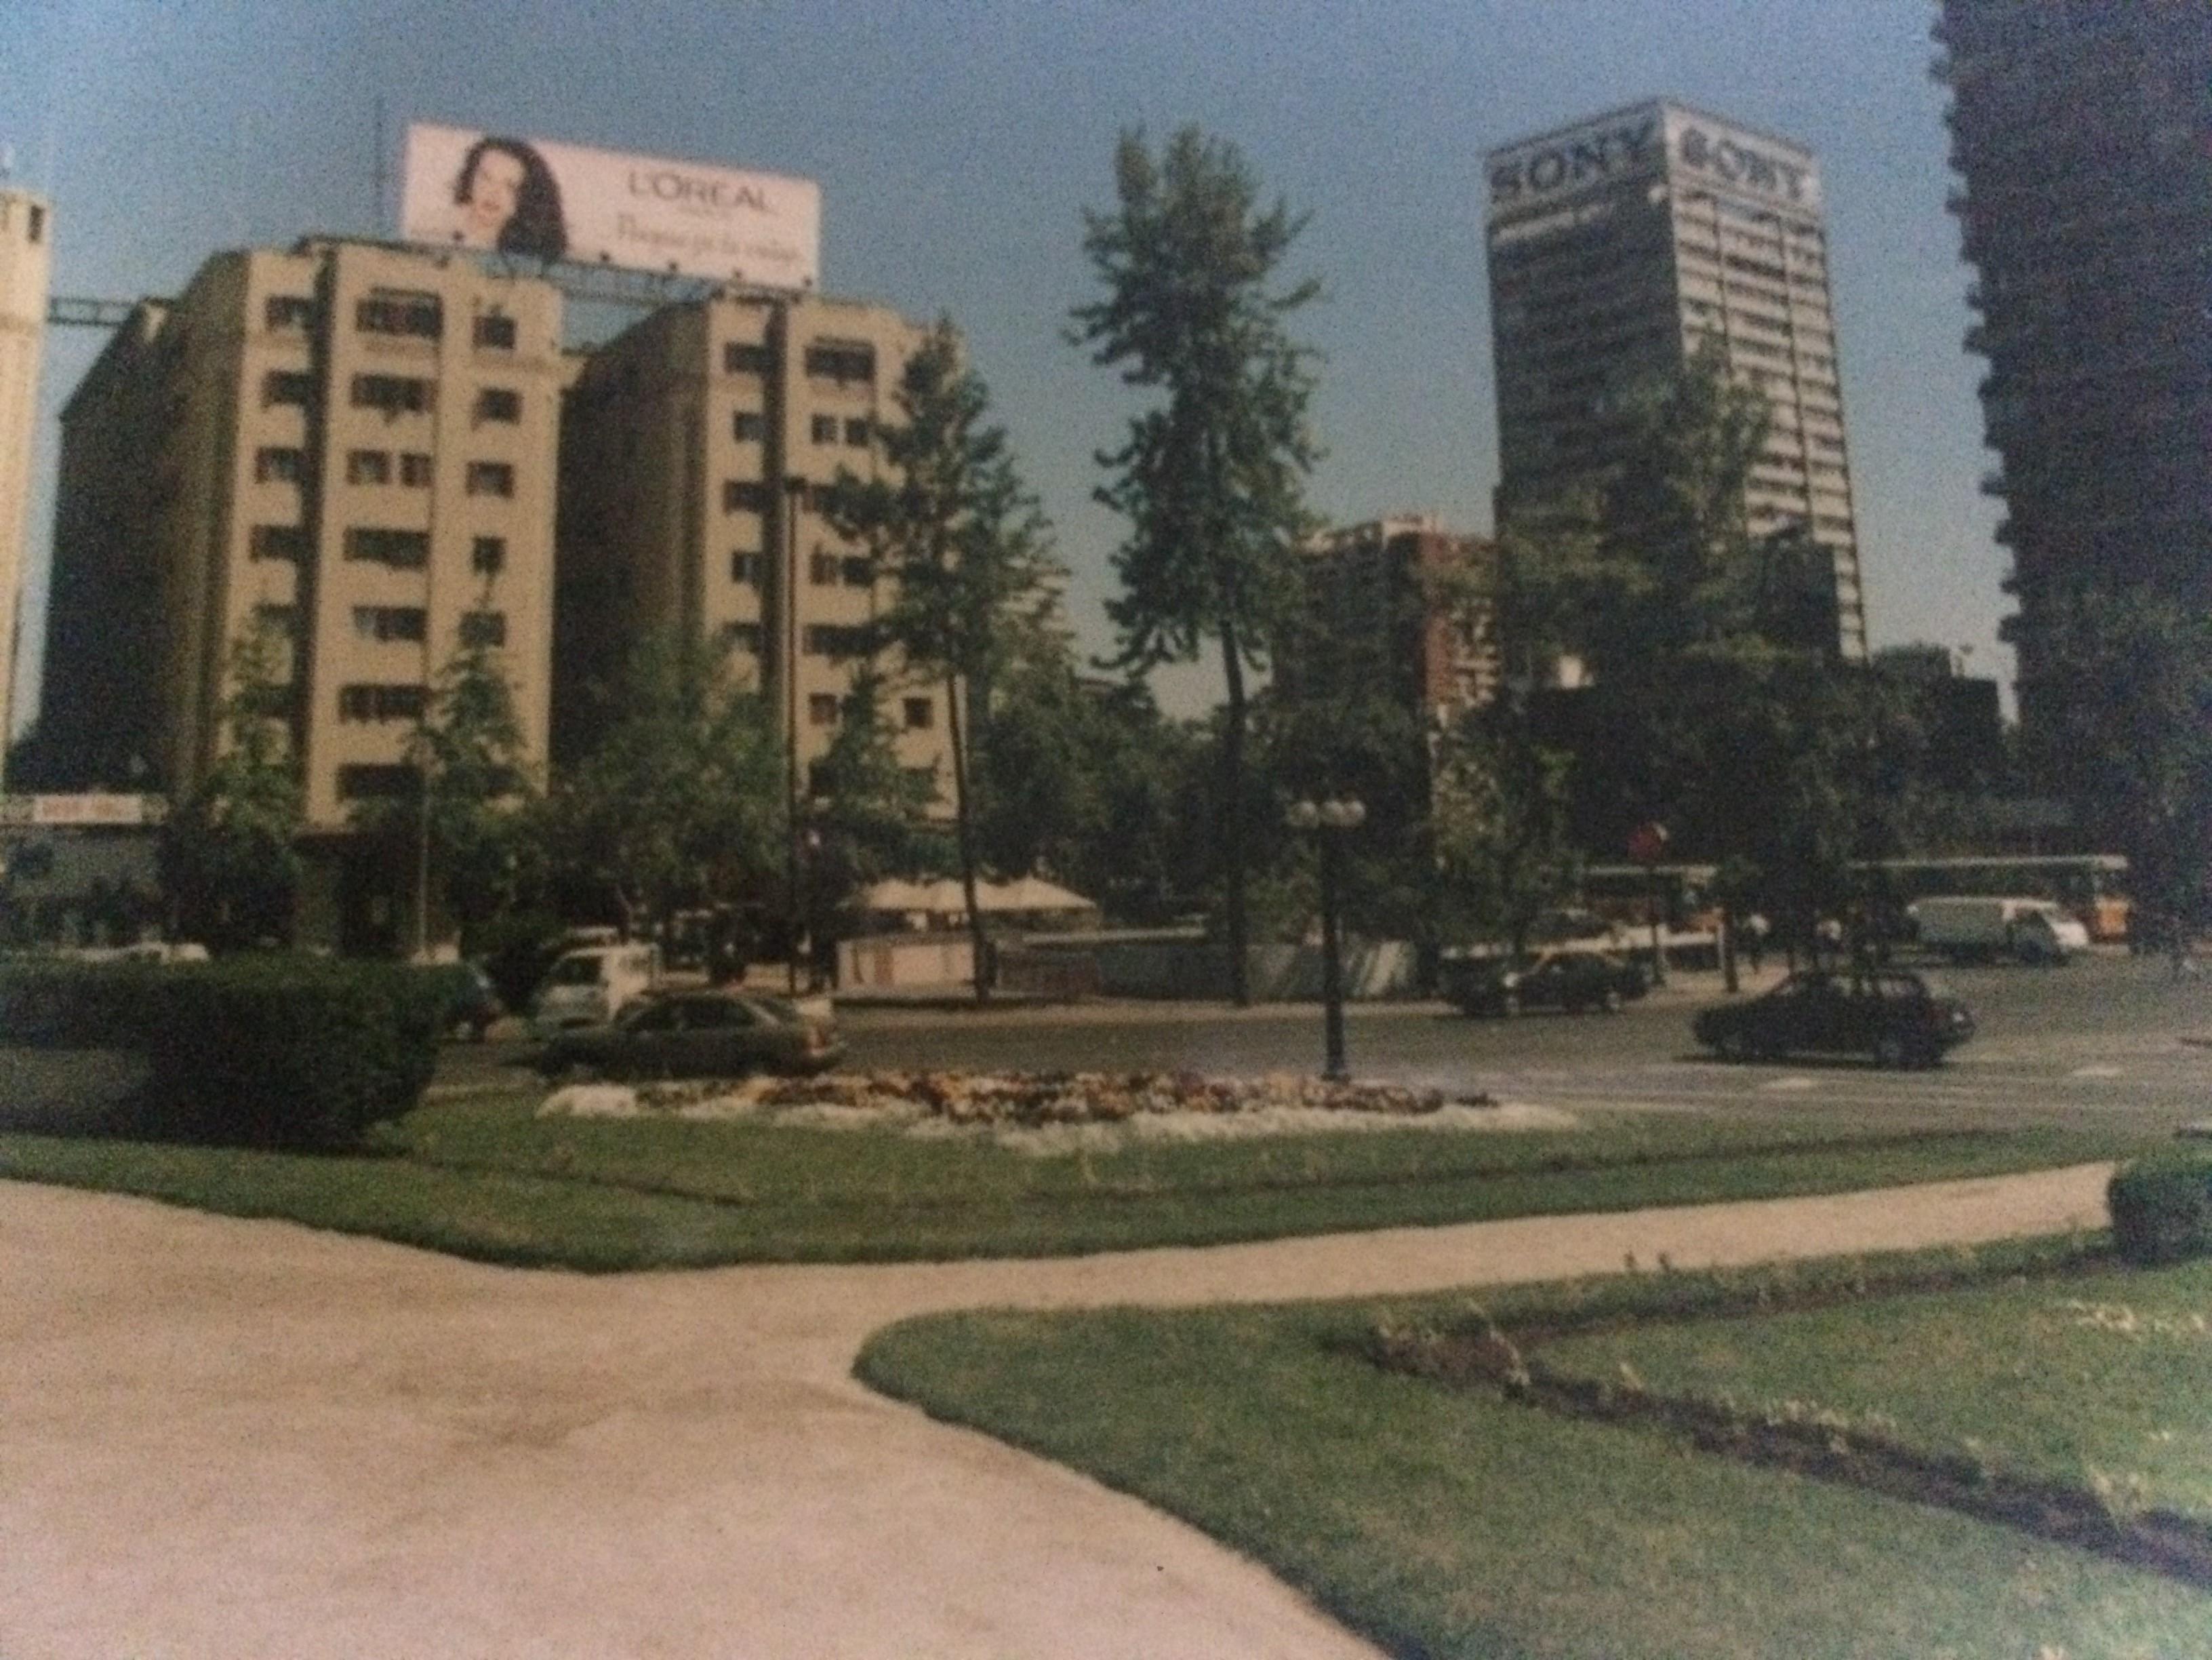 Enterreno - Fotos históricas de chile - fotos antiguas de Chile - Plaza Baquedano en 1997